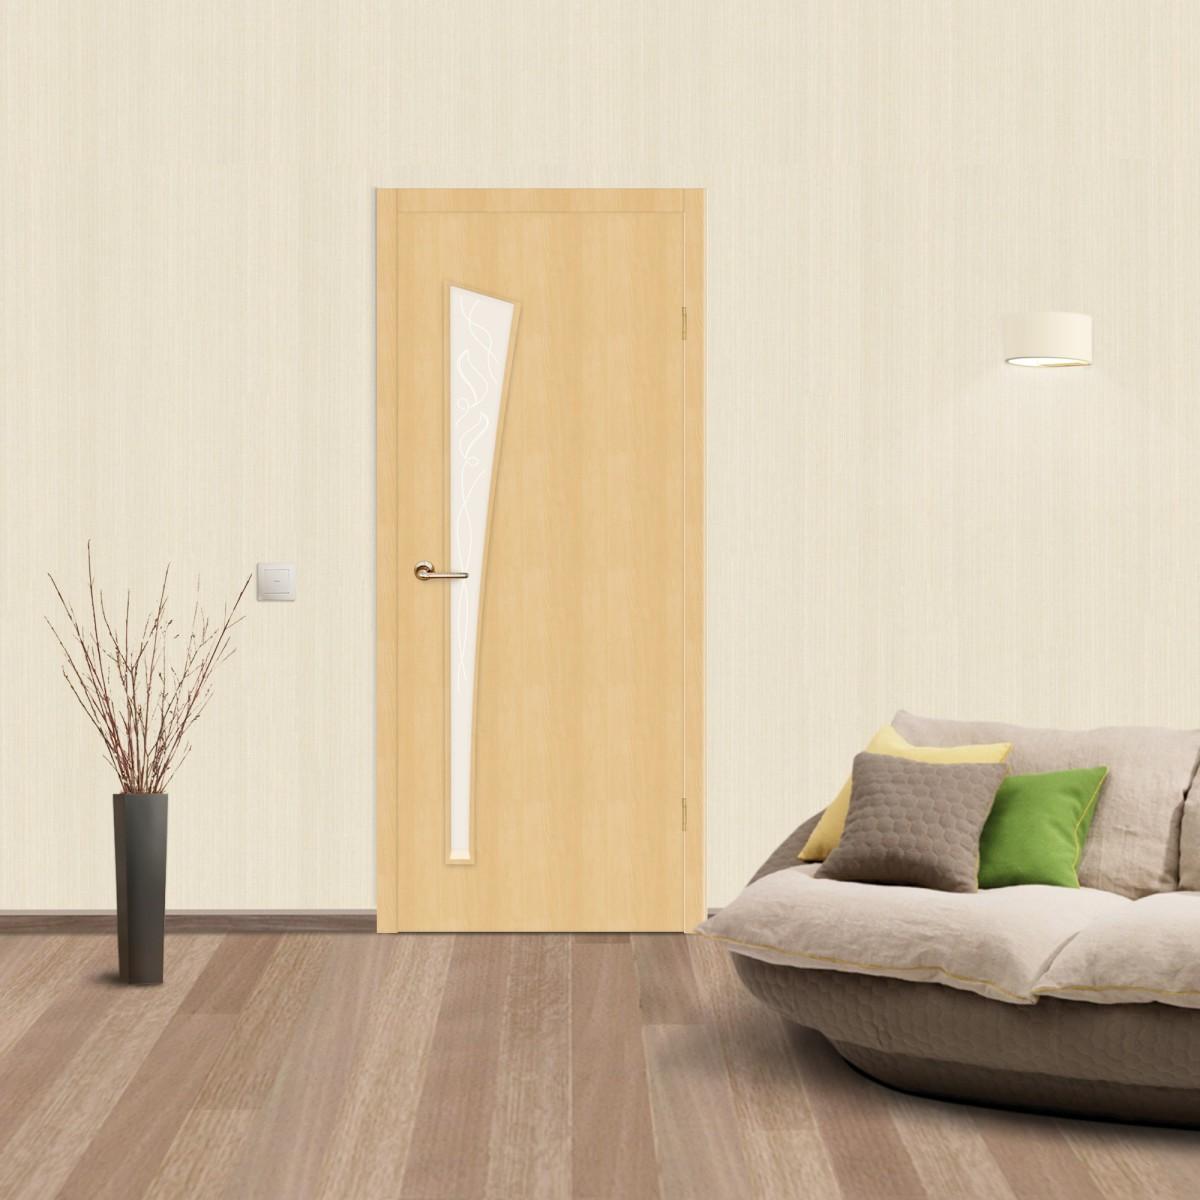 Дверь Межкомнатная Остеклённая Belleza 40x200 Ламинация Цвет Дуб Белый